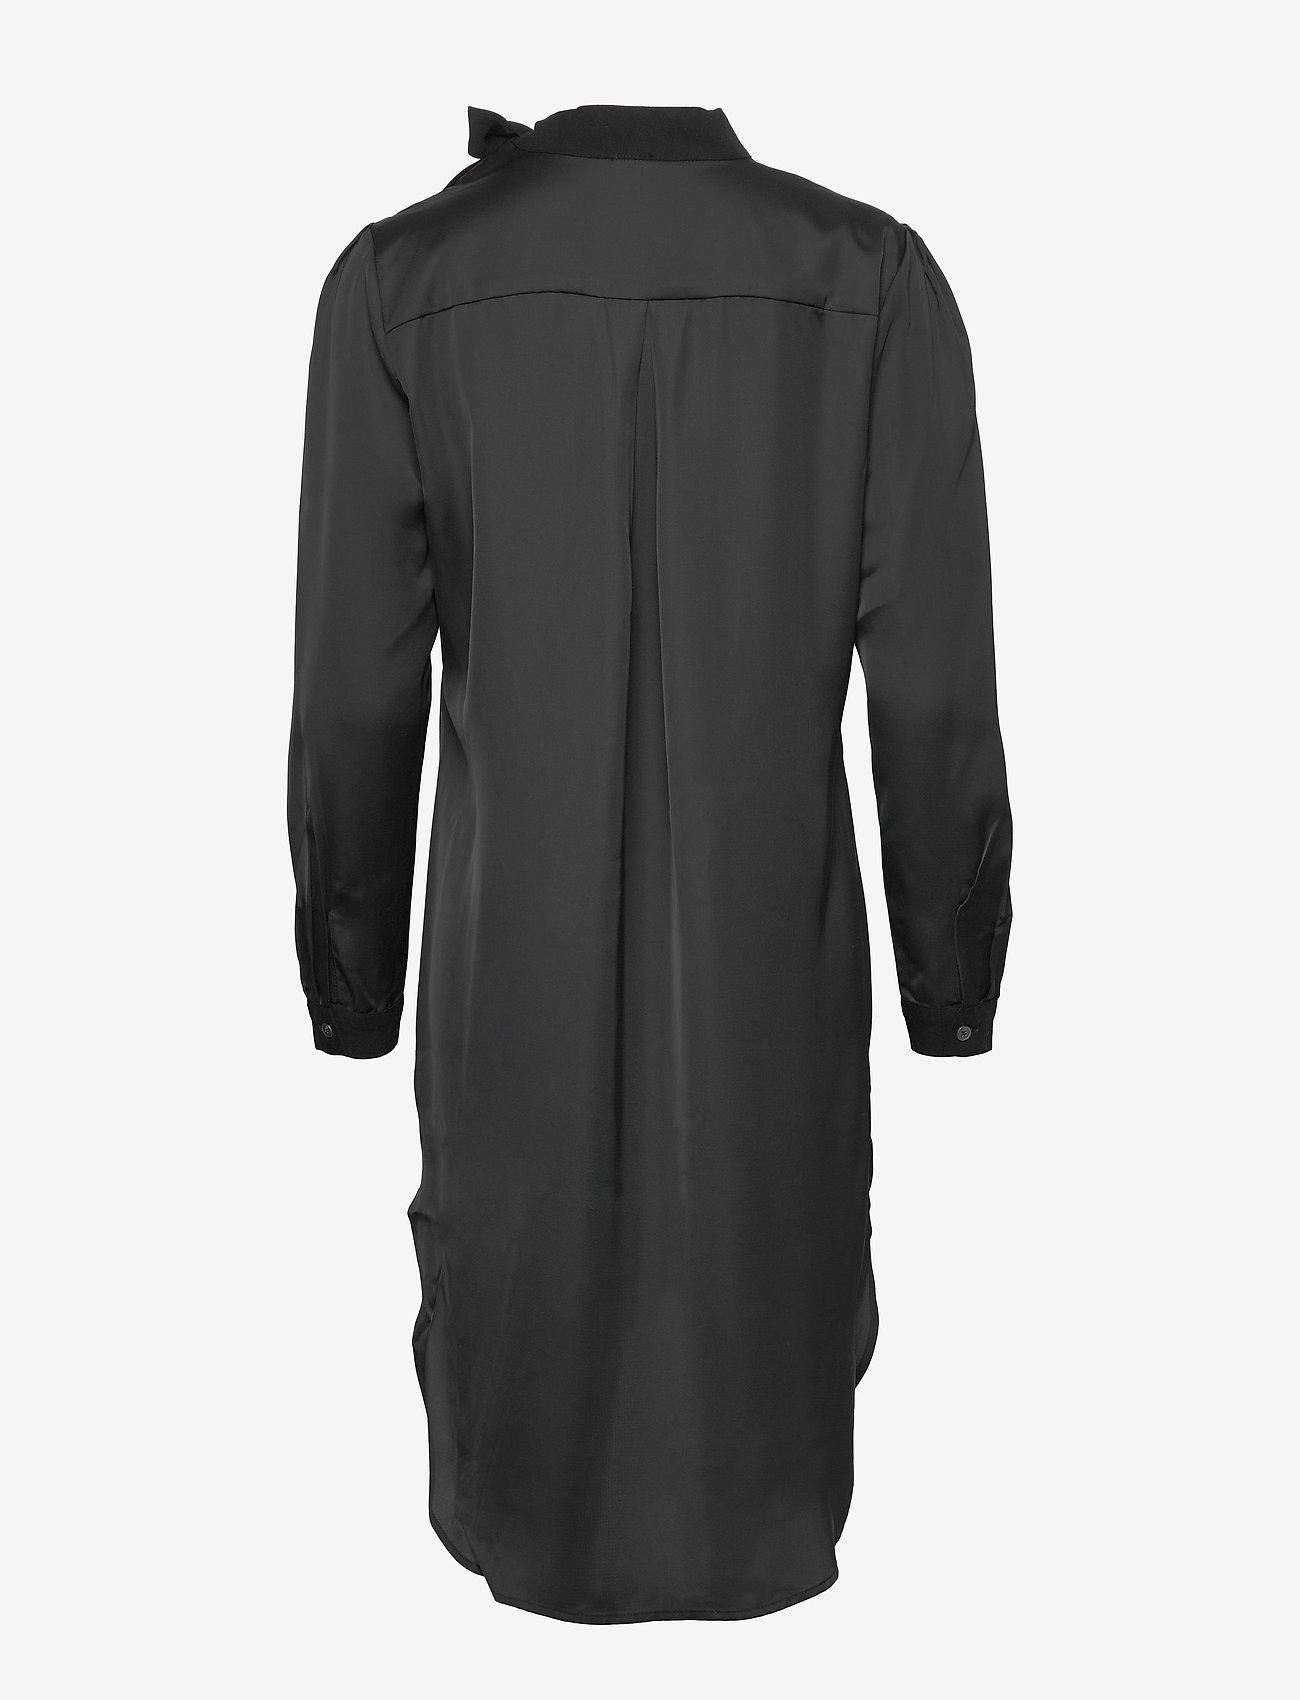 Ciar Tunic (Black) - NÜ Denmark 6fjhlB